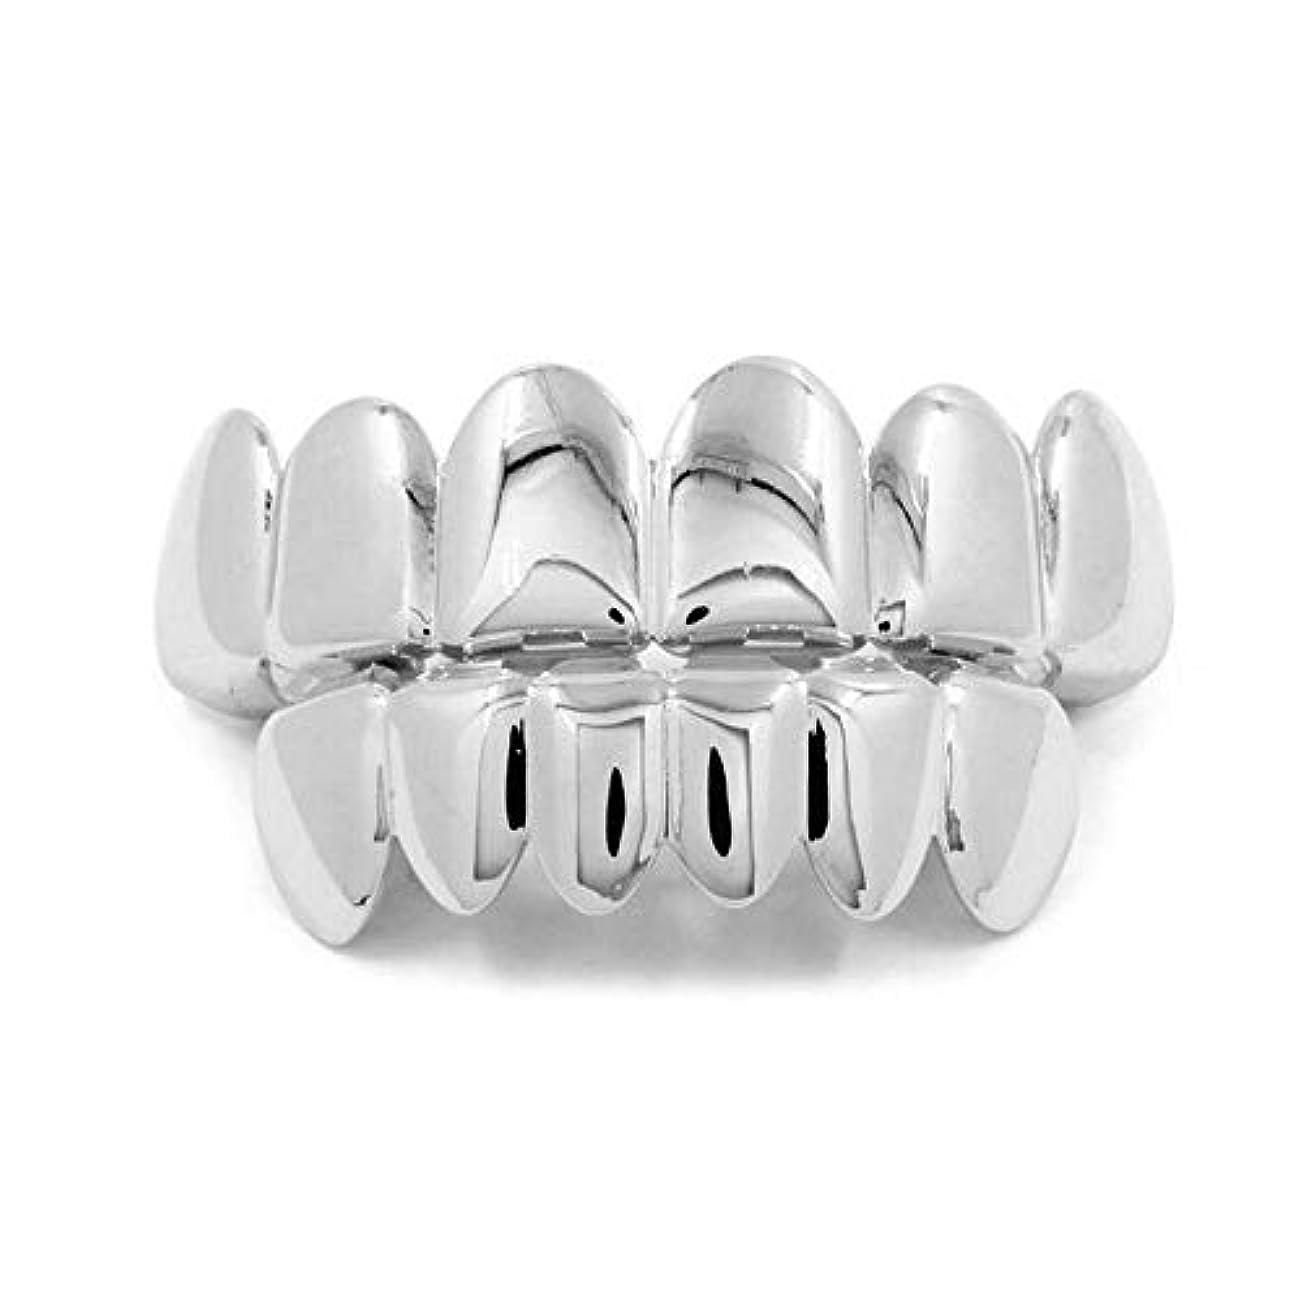 熟した経度ぴったりヨーロッパ系アメリカ人INS最もホットなヒップホップの歯キャップ、ゴールド&ブラック&シルバー歯ブレースゴールドプレート口の歯 (Color : Silver)